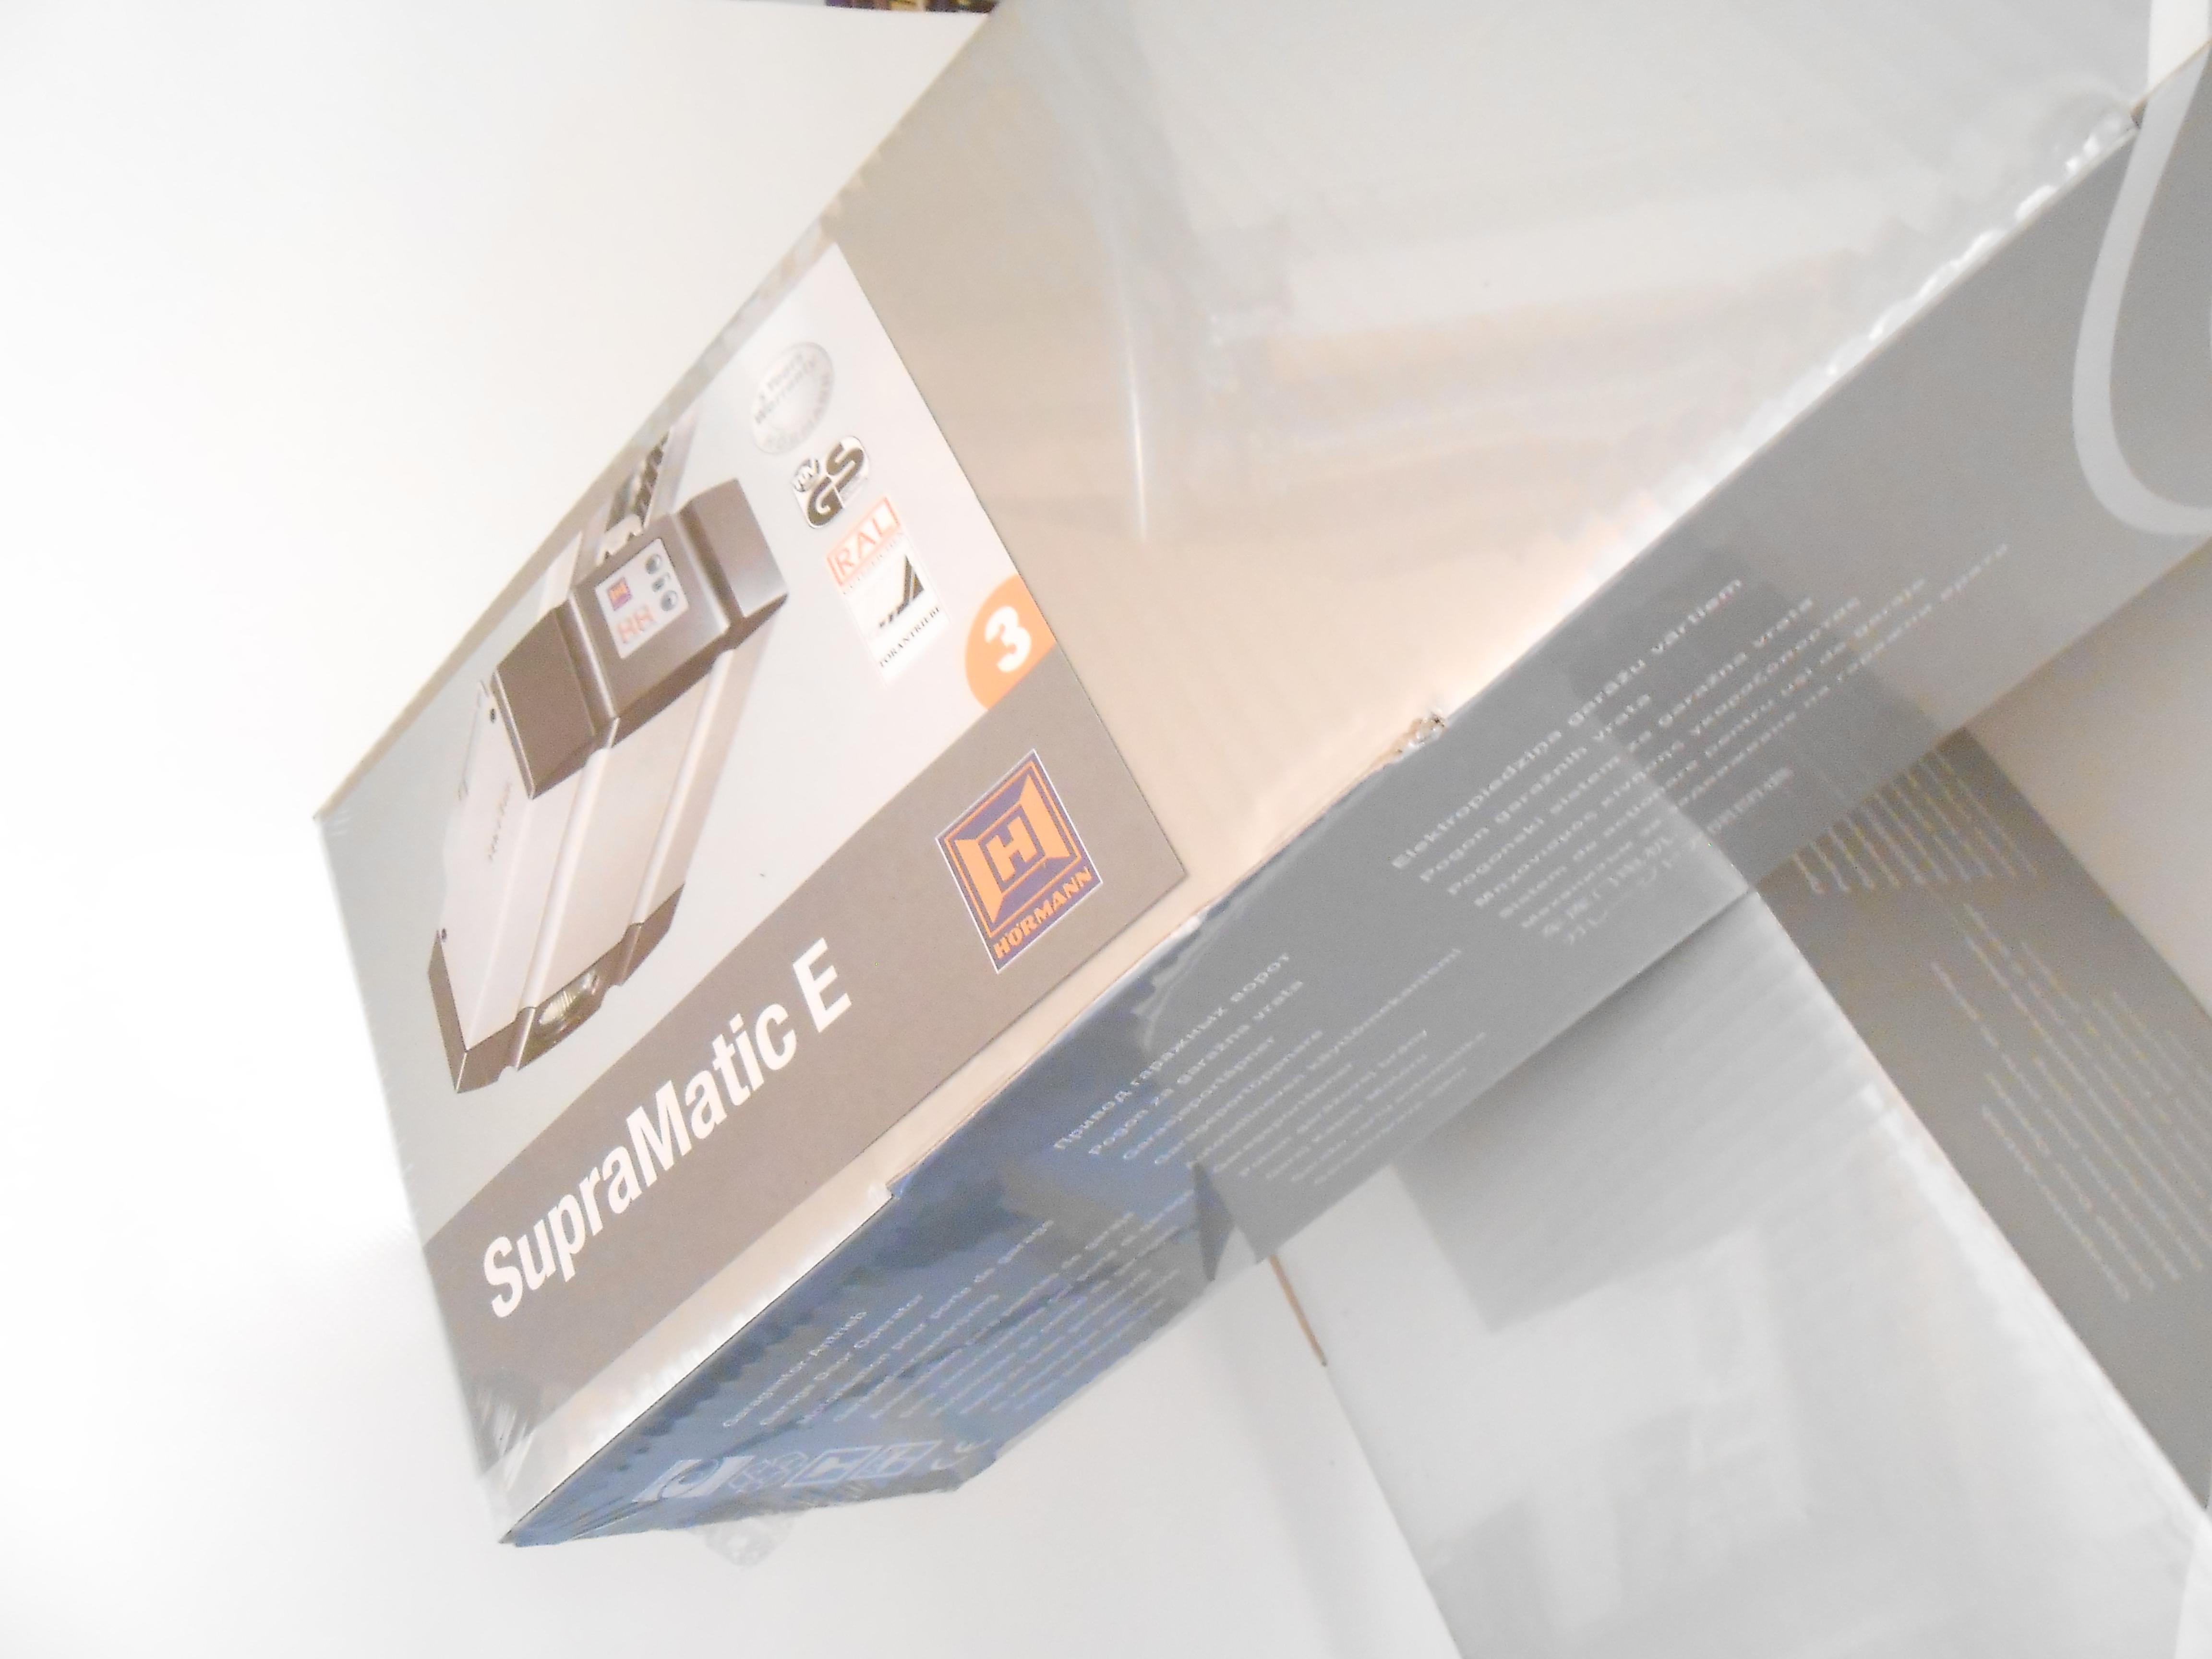 h rmann supramatic e bisecur. Black Bedroom Furniture Sets. Home Design Ideas